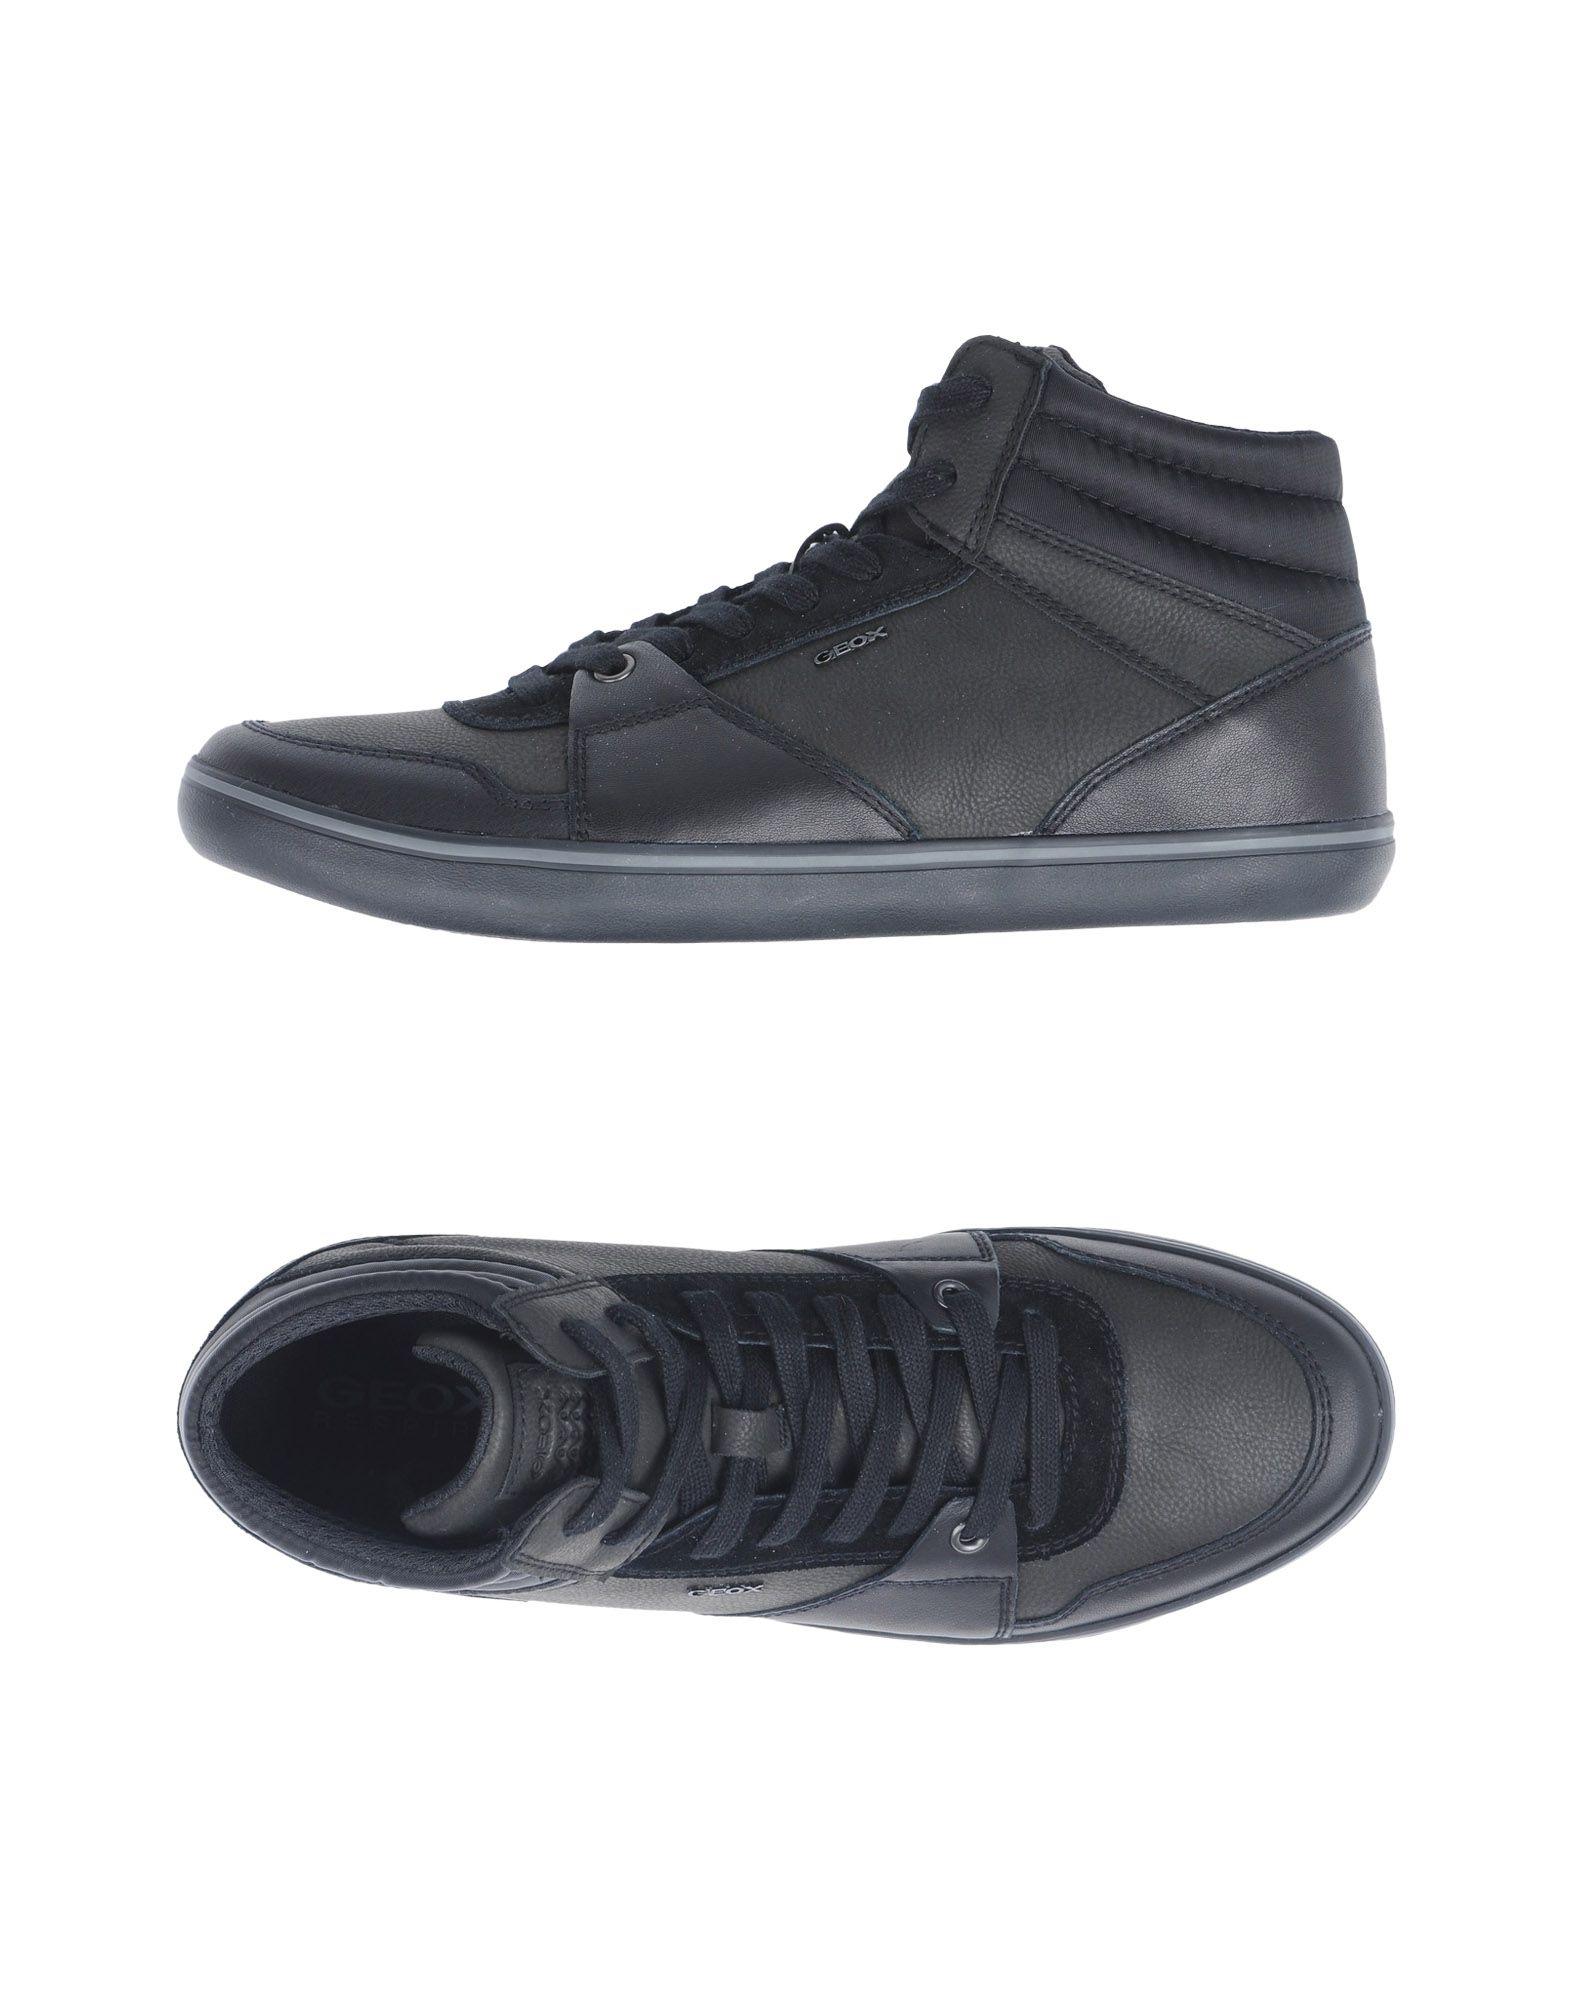 Geox Geox  Sneakers Herren  11344817QQ 092140